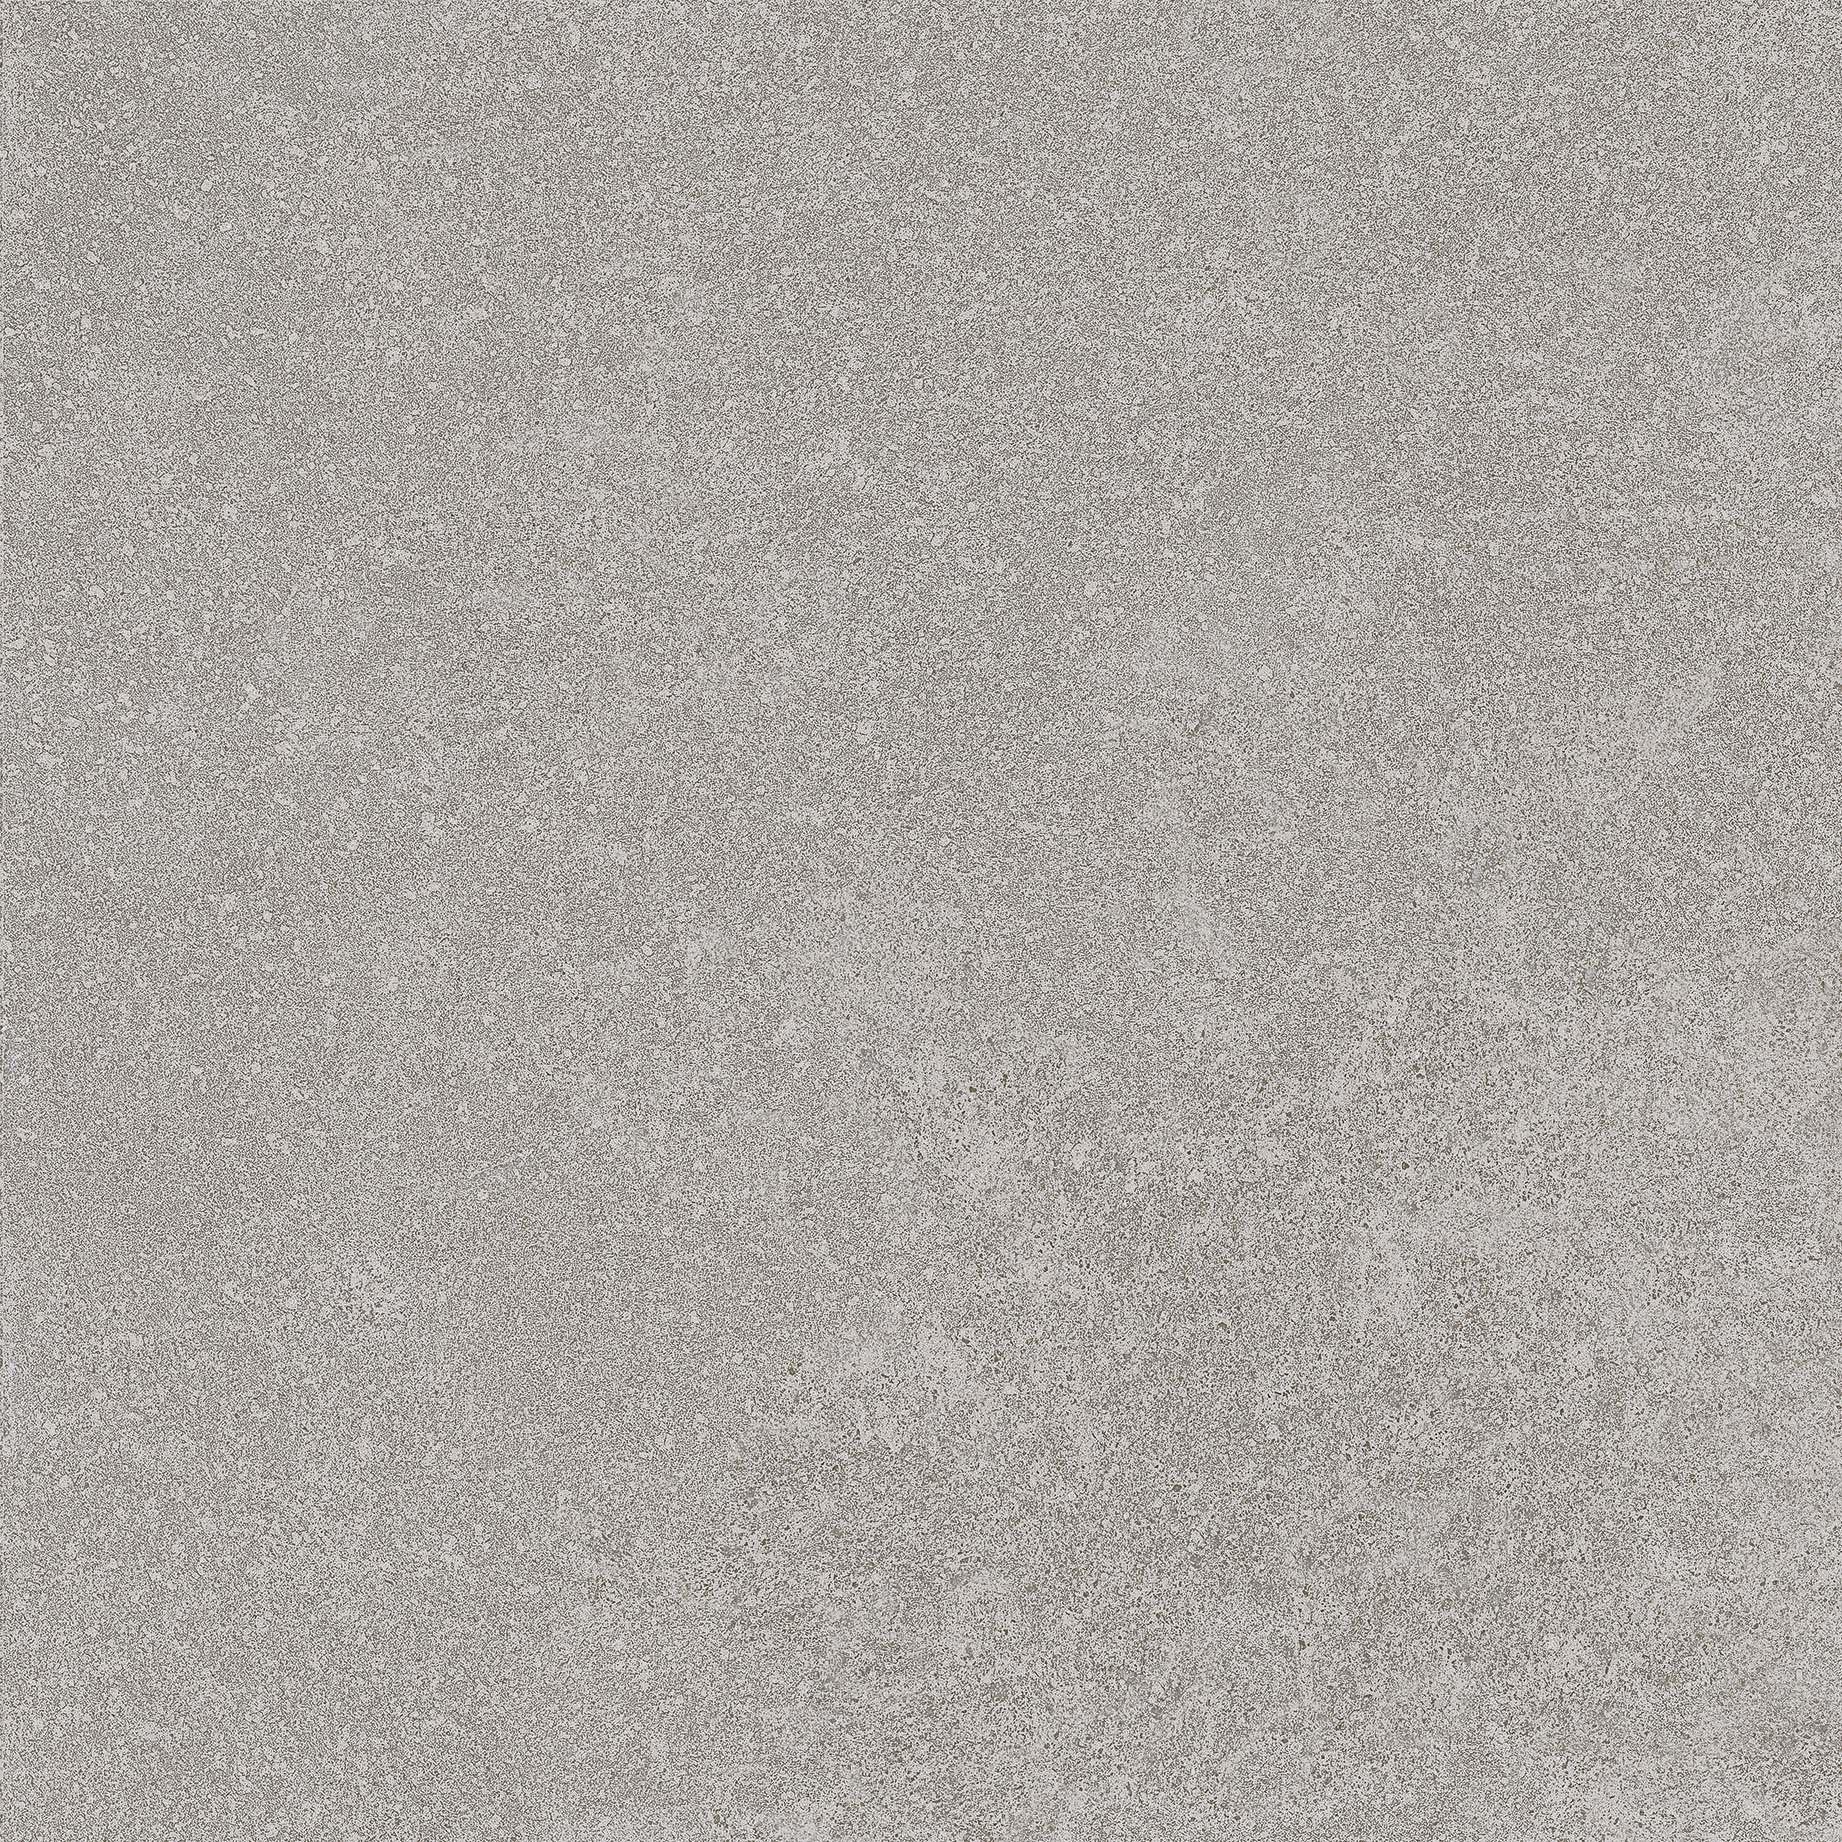 Aston r gris 80x80cm pavimento porcel nico azulejo de for Azulejo porcelanico